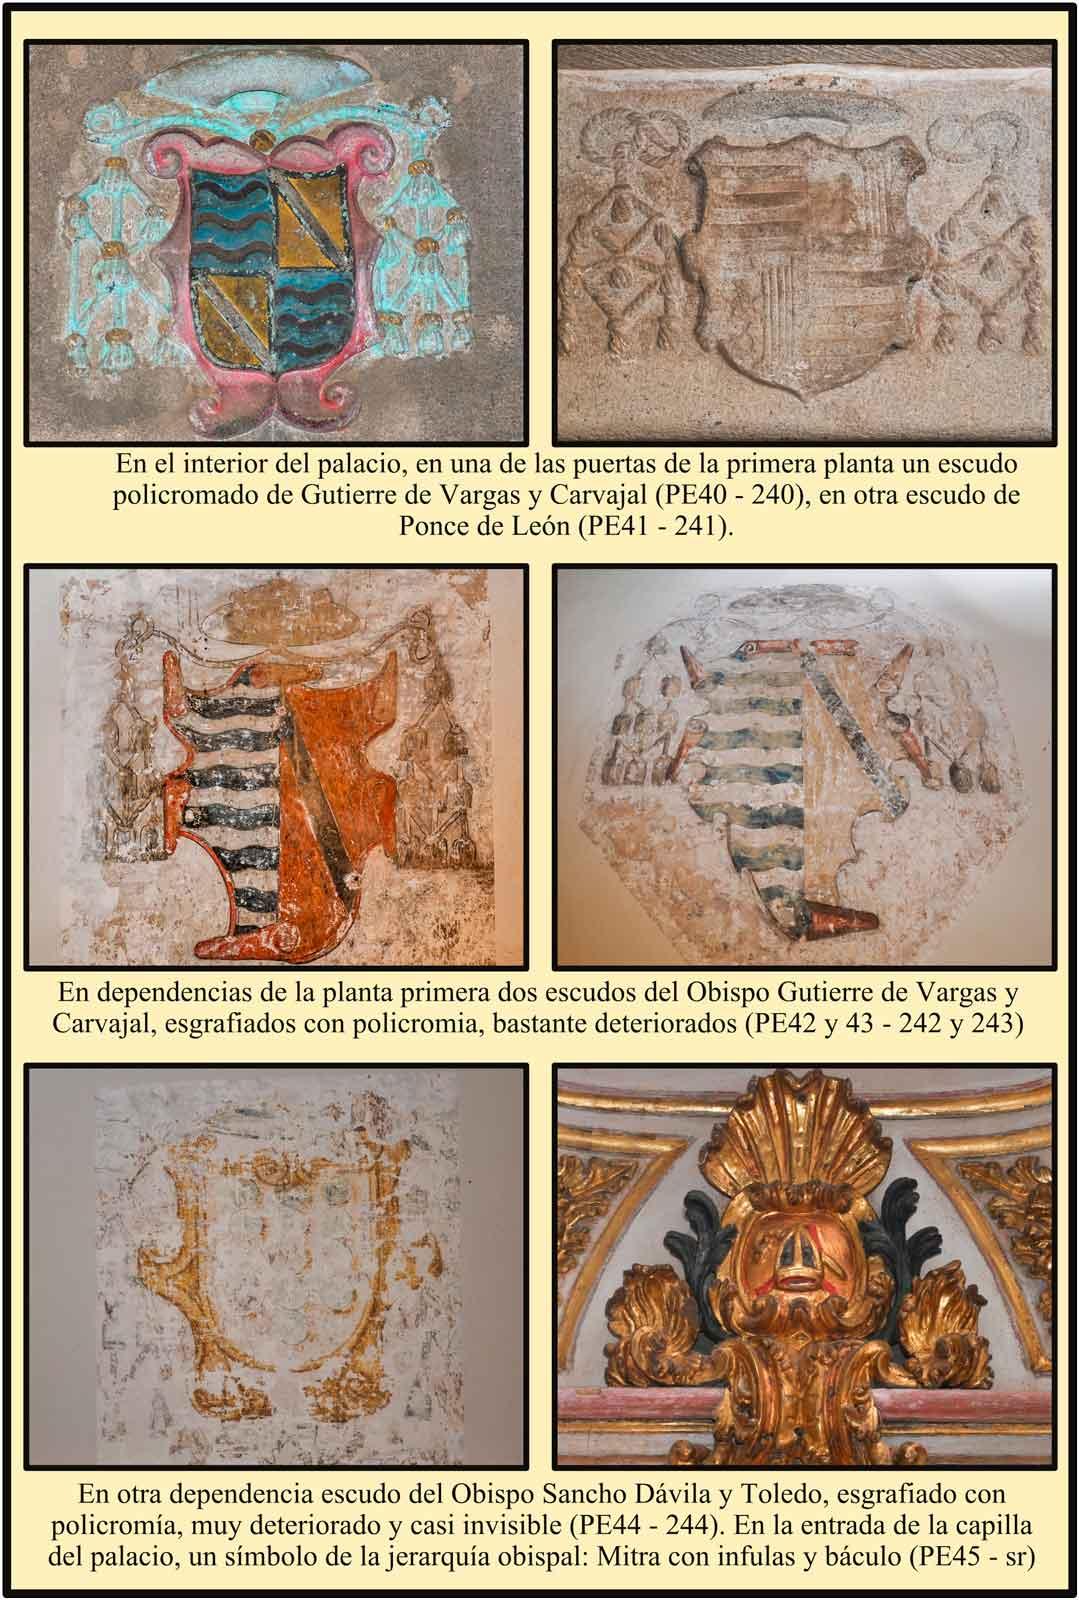 Plasencia Caceres Escudos esgrafiados interior palacio episcopal